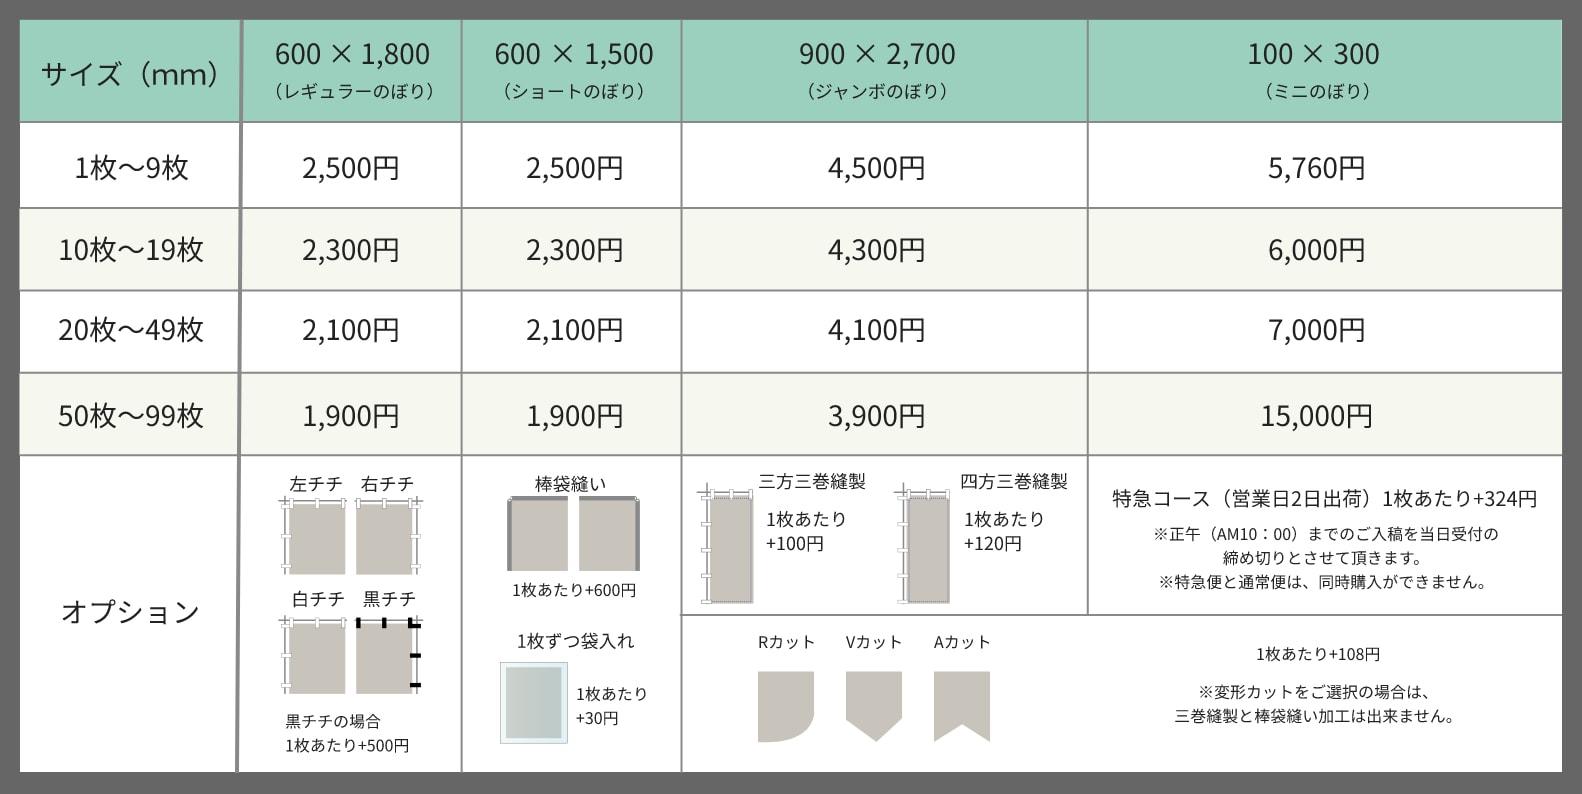 滋賀県で看板デザインをするピーナッツアートののぼり料金表